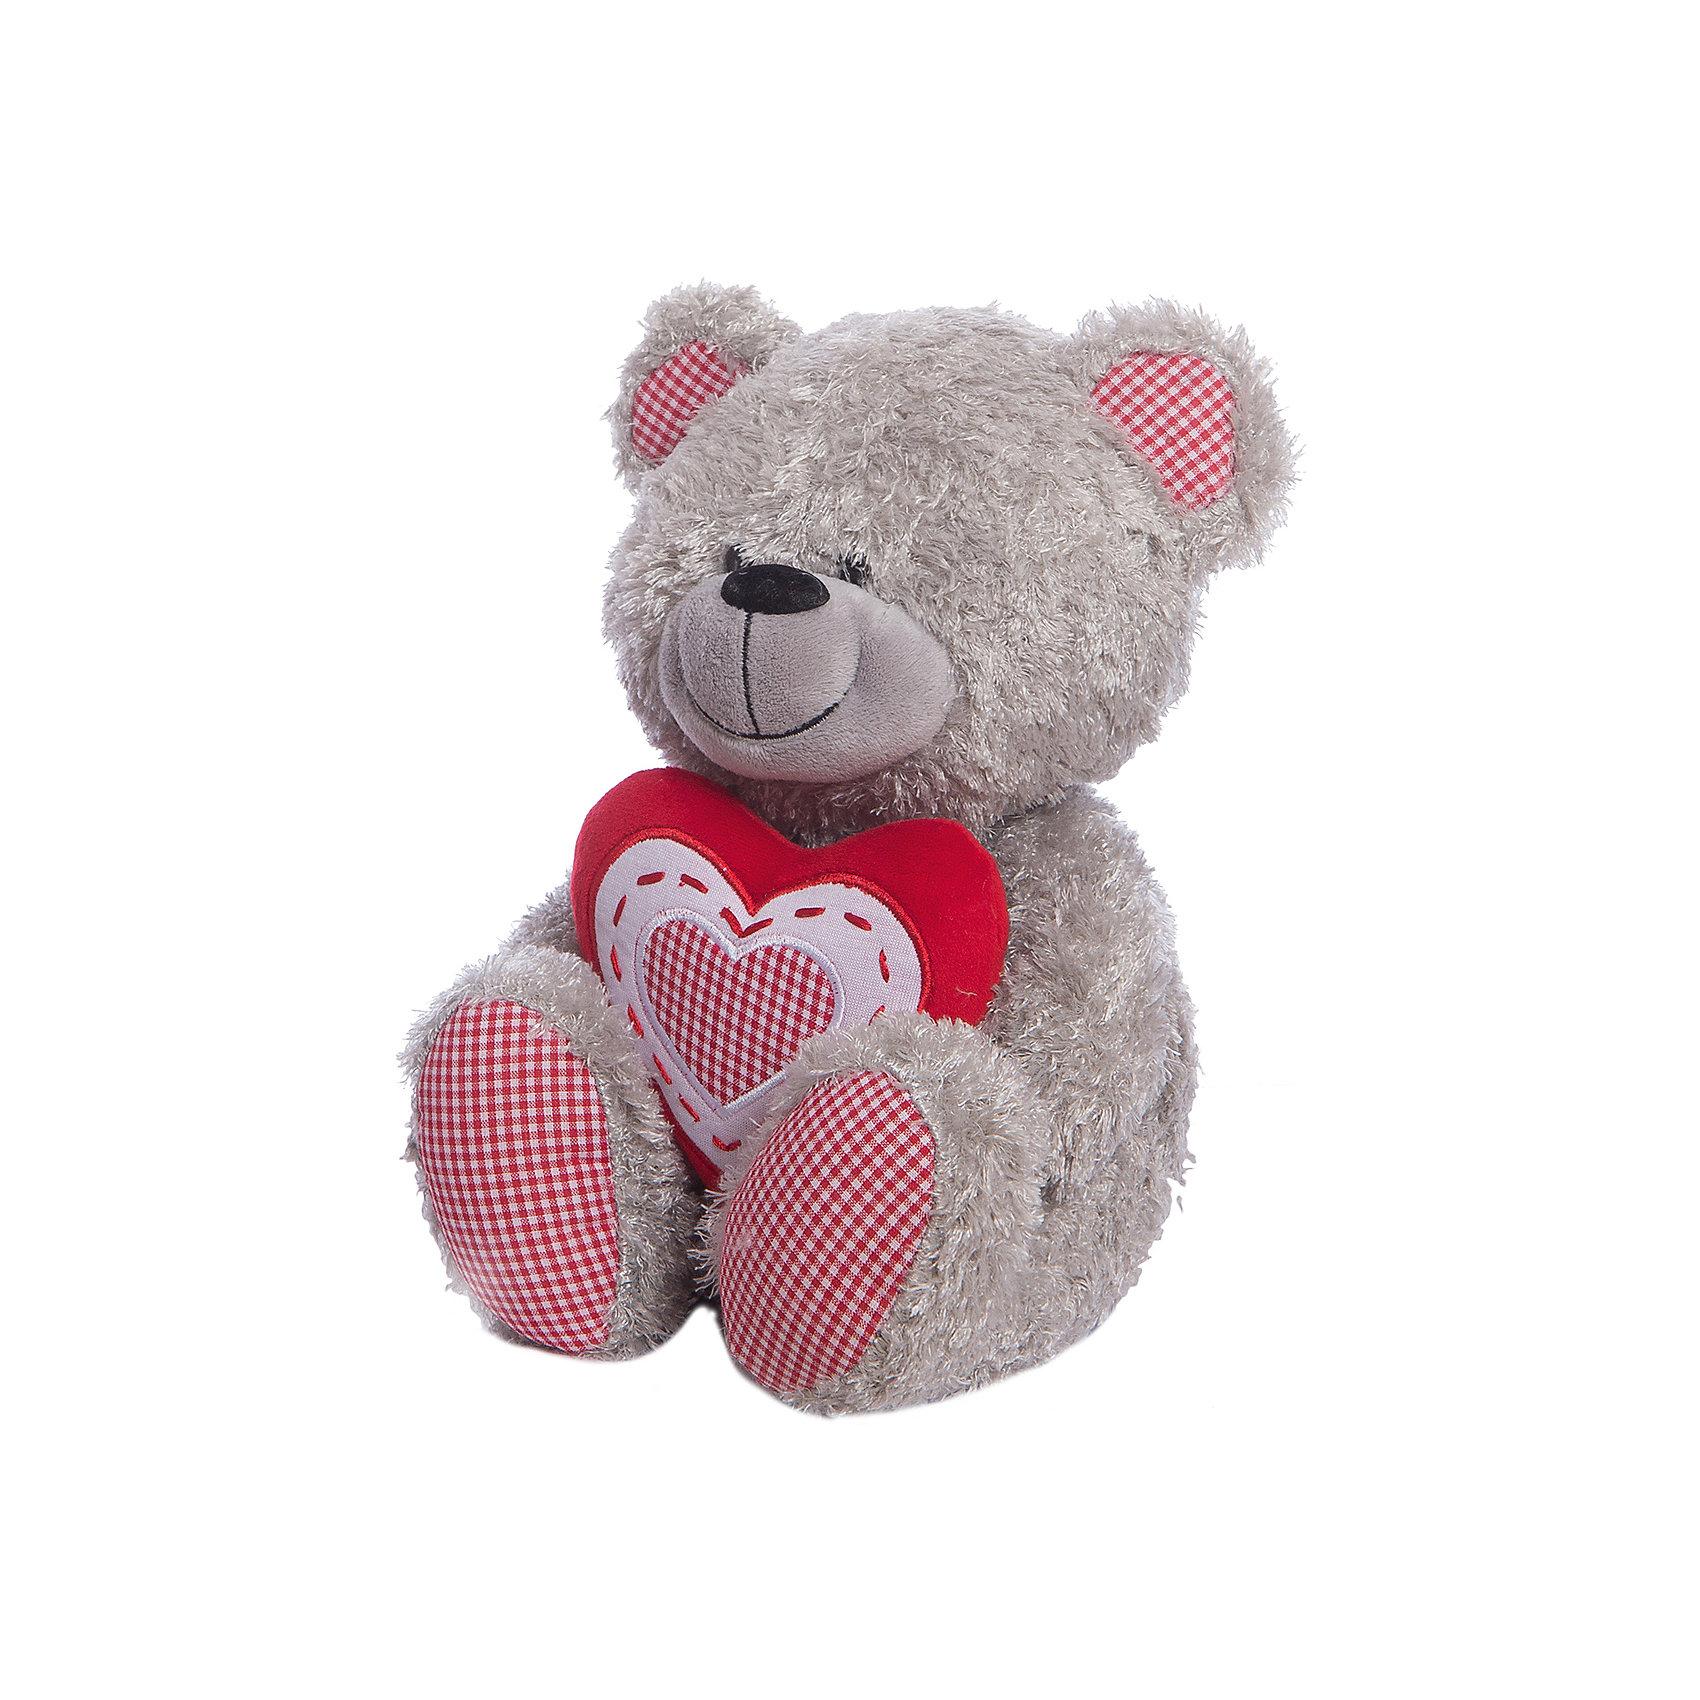 LAVA Медведь с красным сердцем, музыкальный, 22 см, LAVA lava бобер музыкальный 19 см